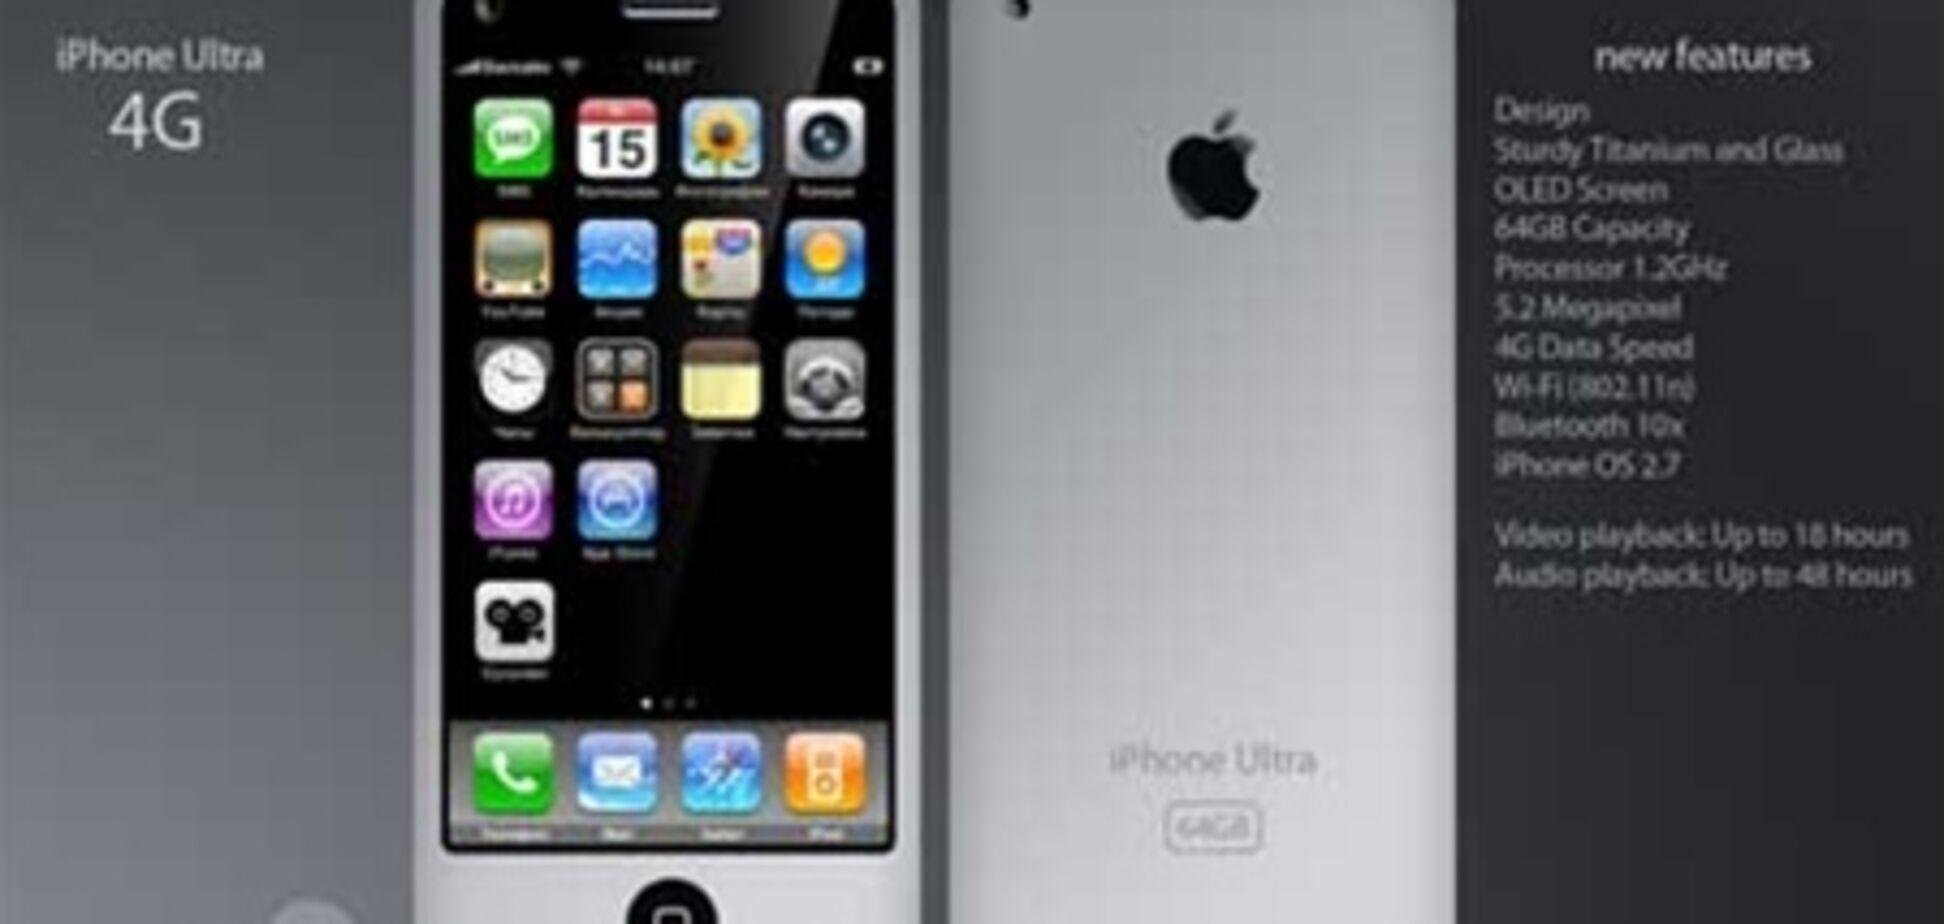 Дизайнеры вовсю придумывают аксессуары к пока несуществующему iPhone5